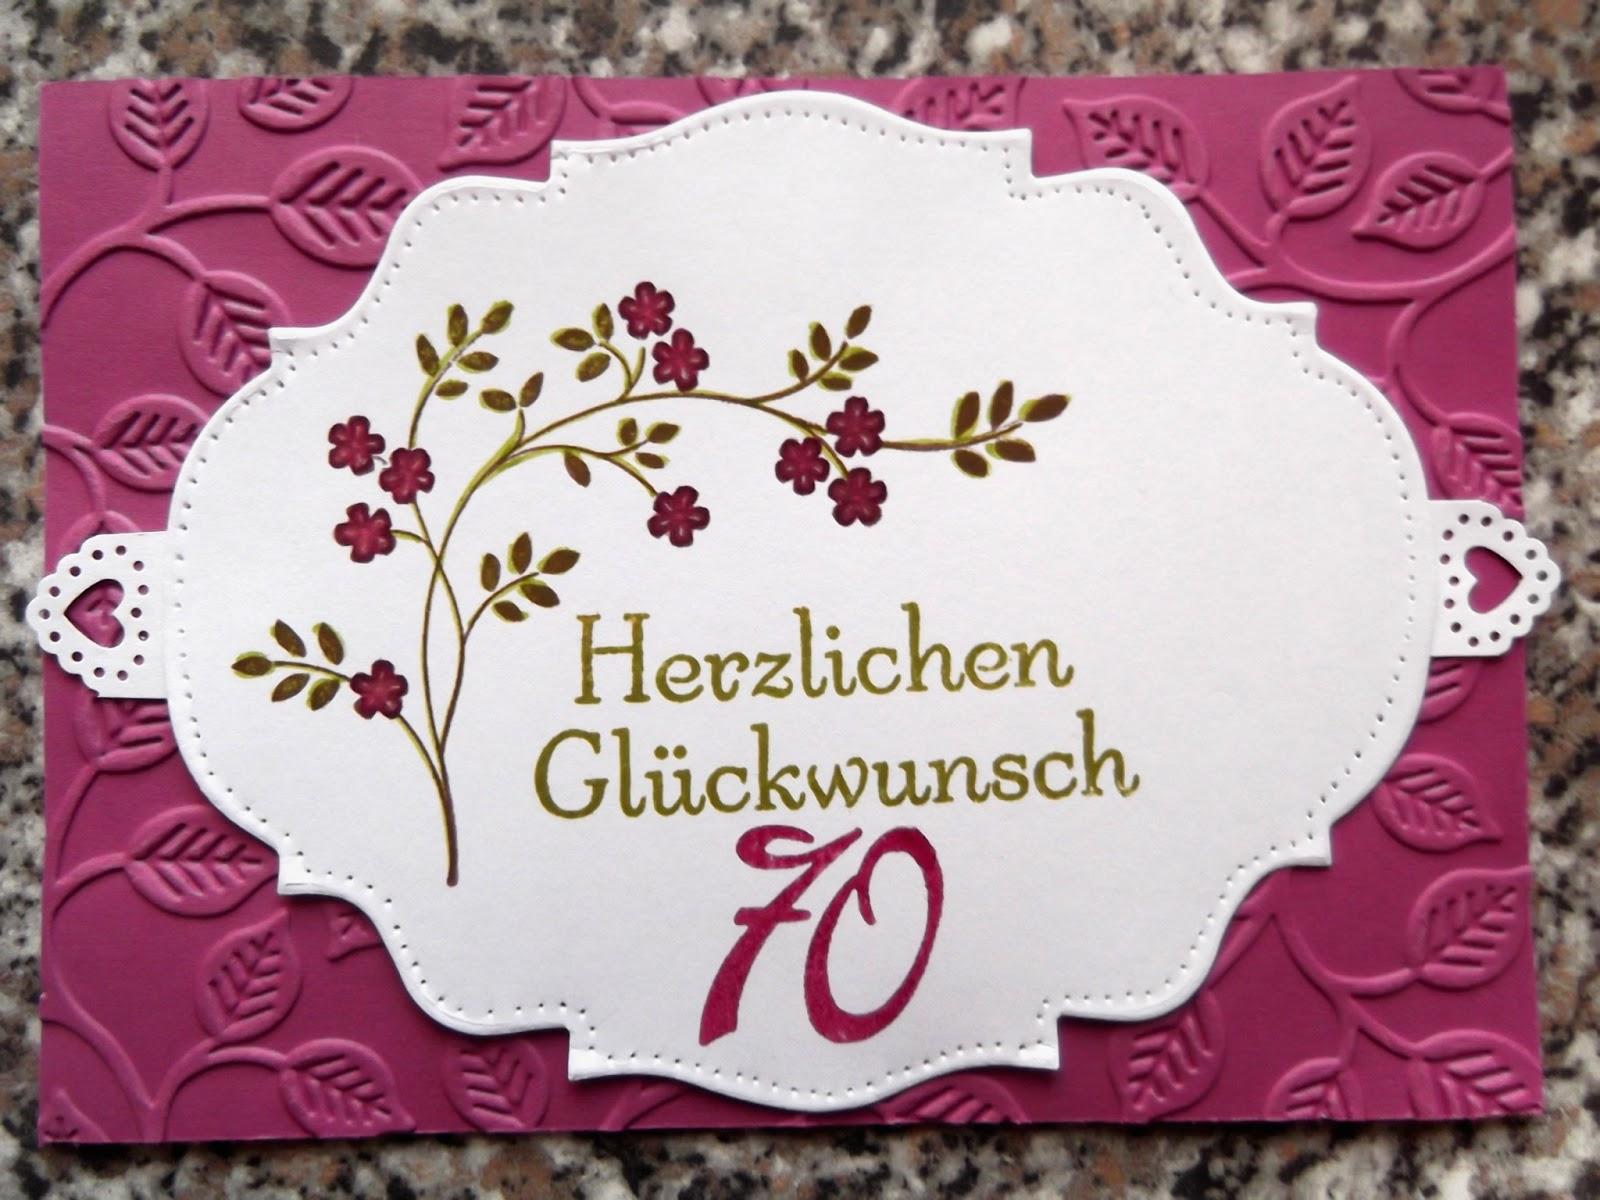 Gluckwunsche Zum 70 Geburtstag